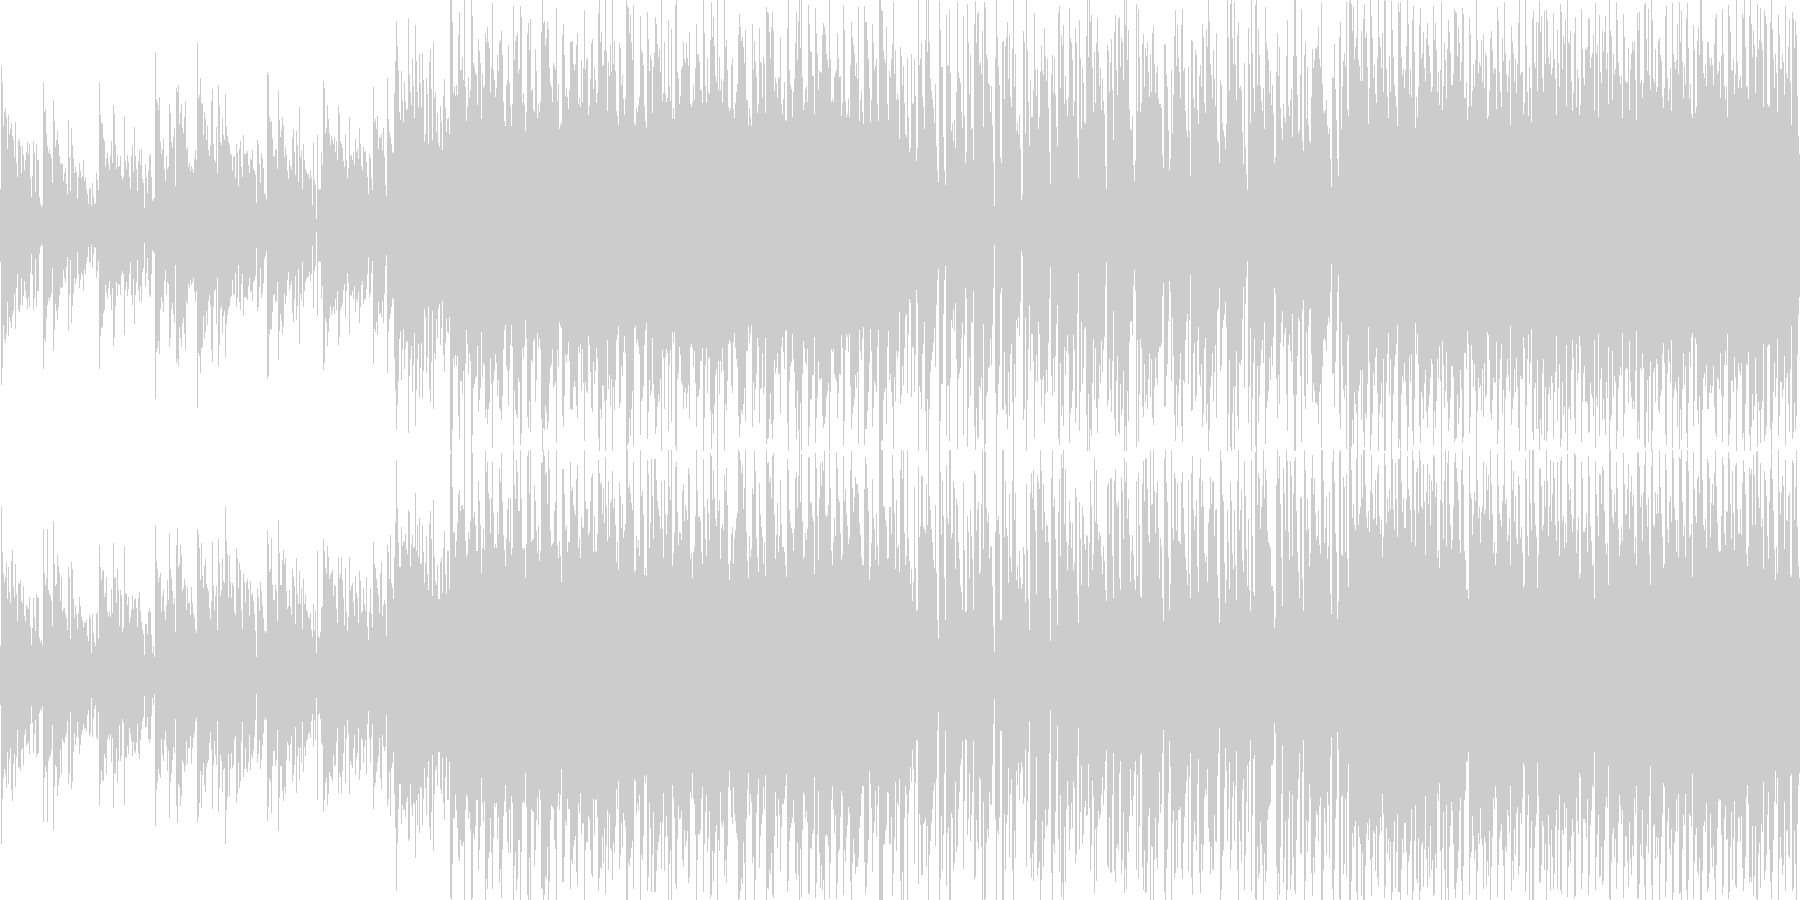 ループ曲です。騒がしいパーカッションの…の未再生の波形